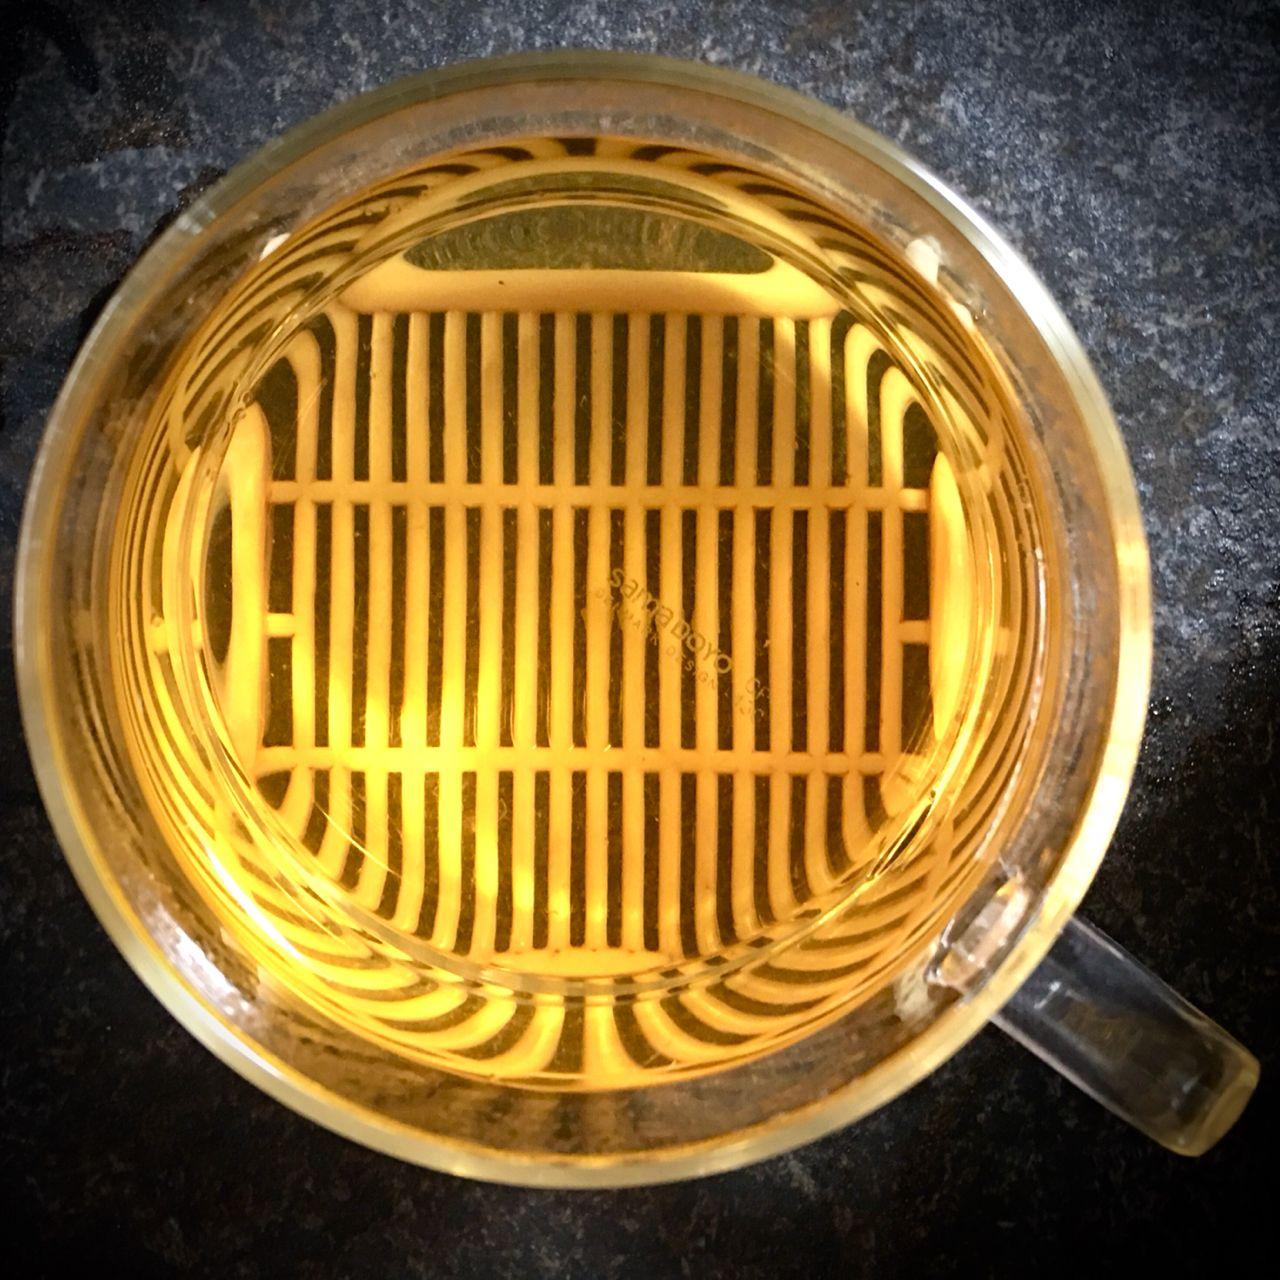 Yě Shēng Lǎo Yīng Chá, 野生老鷹茶, Wild Eagle (Herbal) Tea